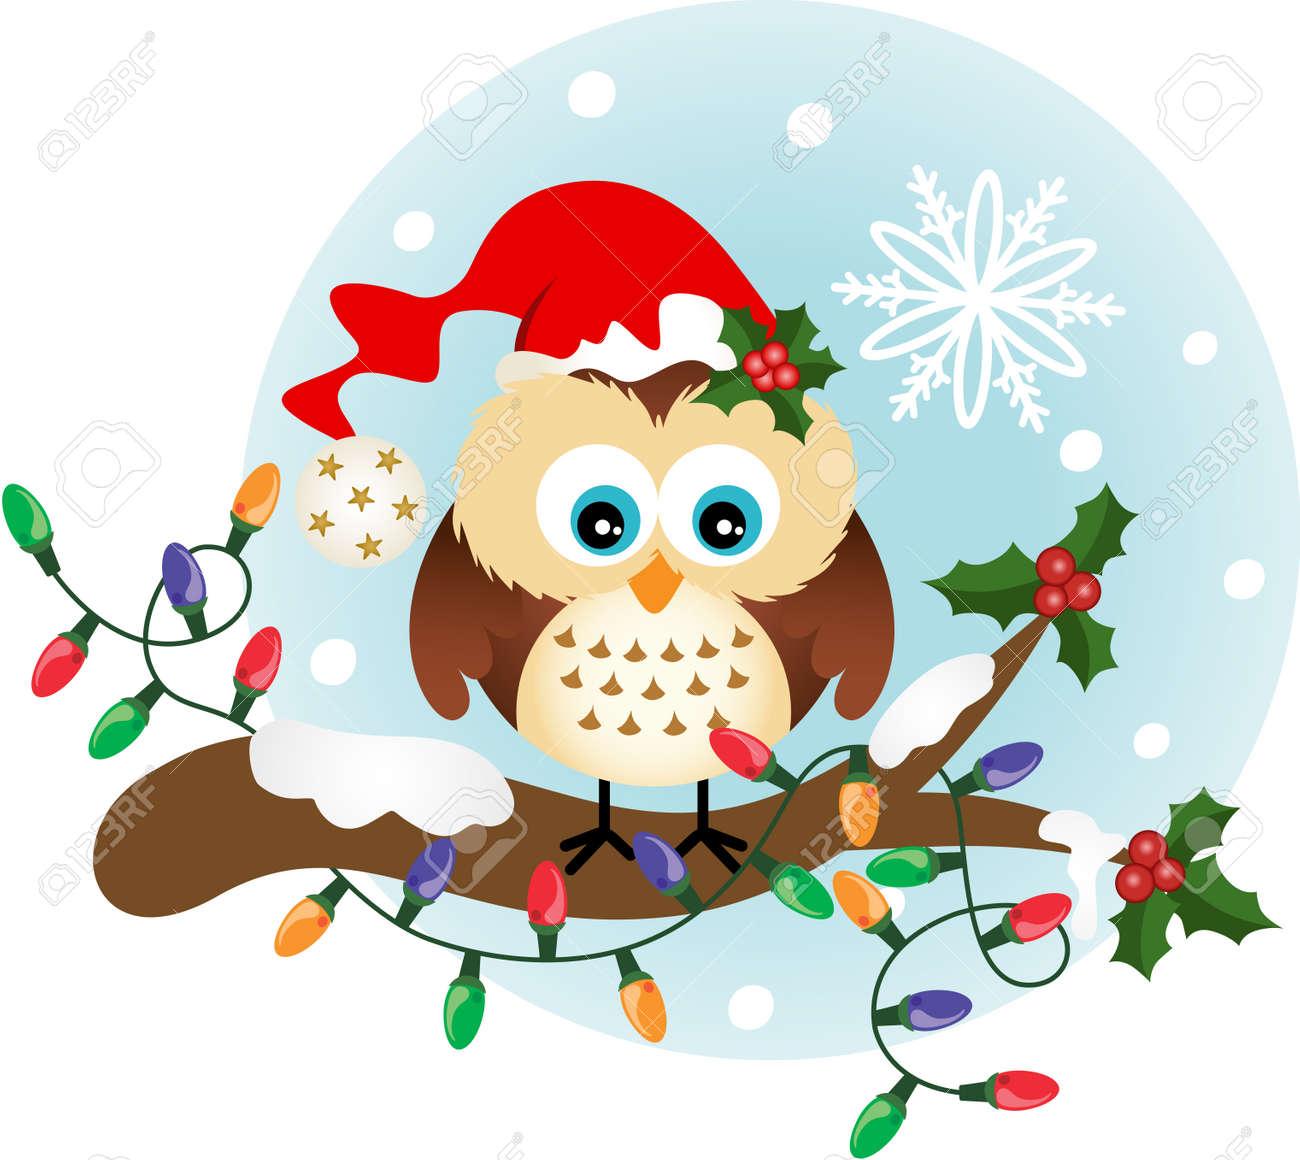 Christmas Owl.Christmas Owl On Holly Branch